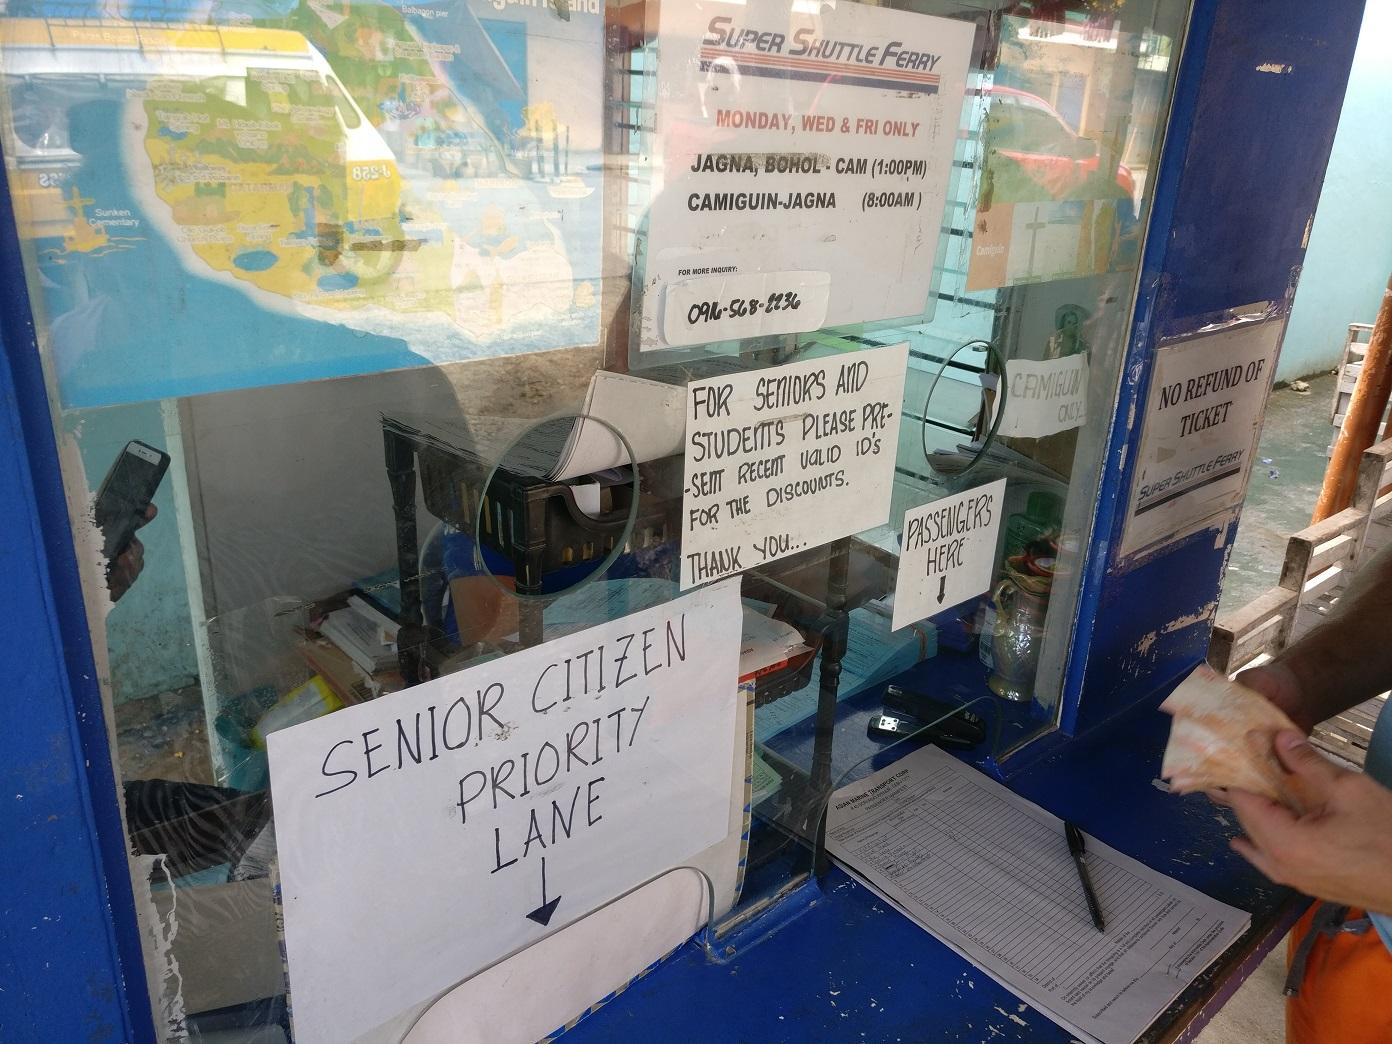 Ferry schedule Jagna to Camiguin